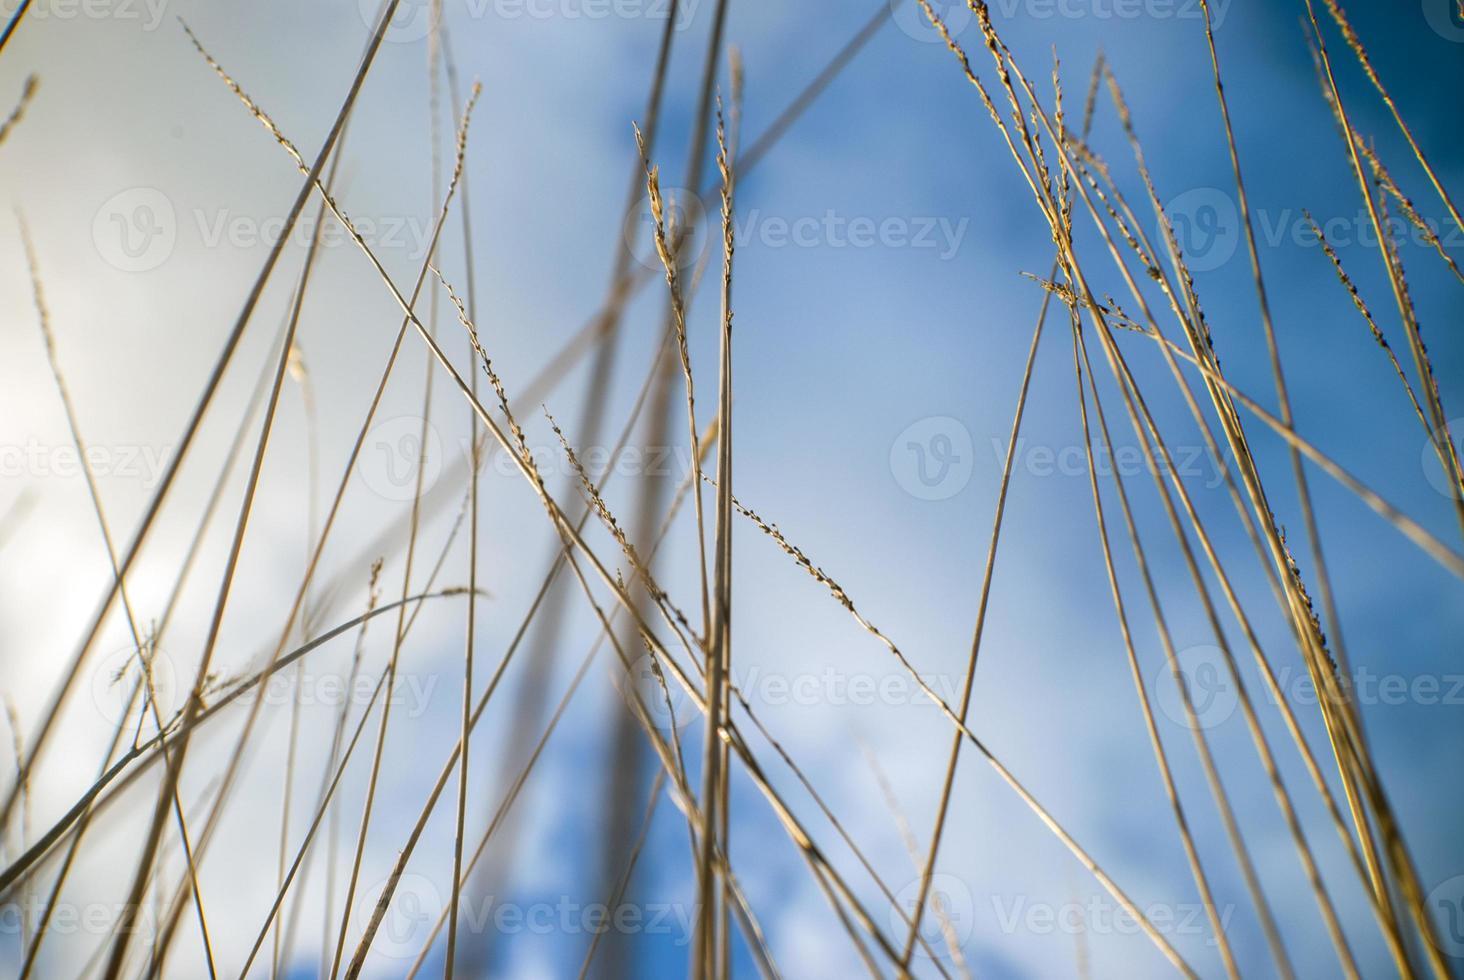 bewölkter blauer Himmelhintergrund hinter Gräsern foto